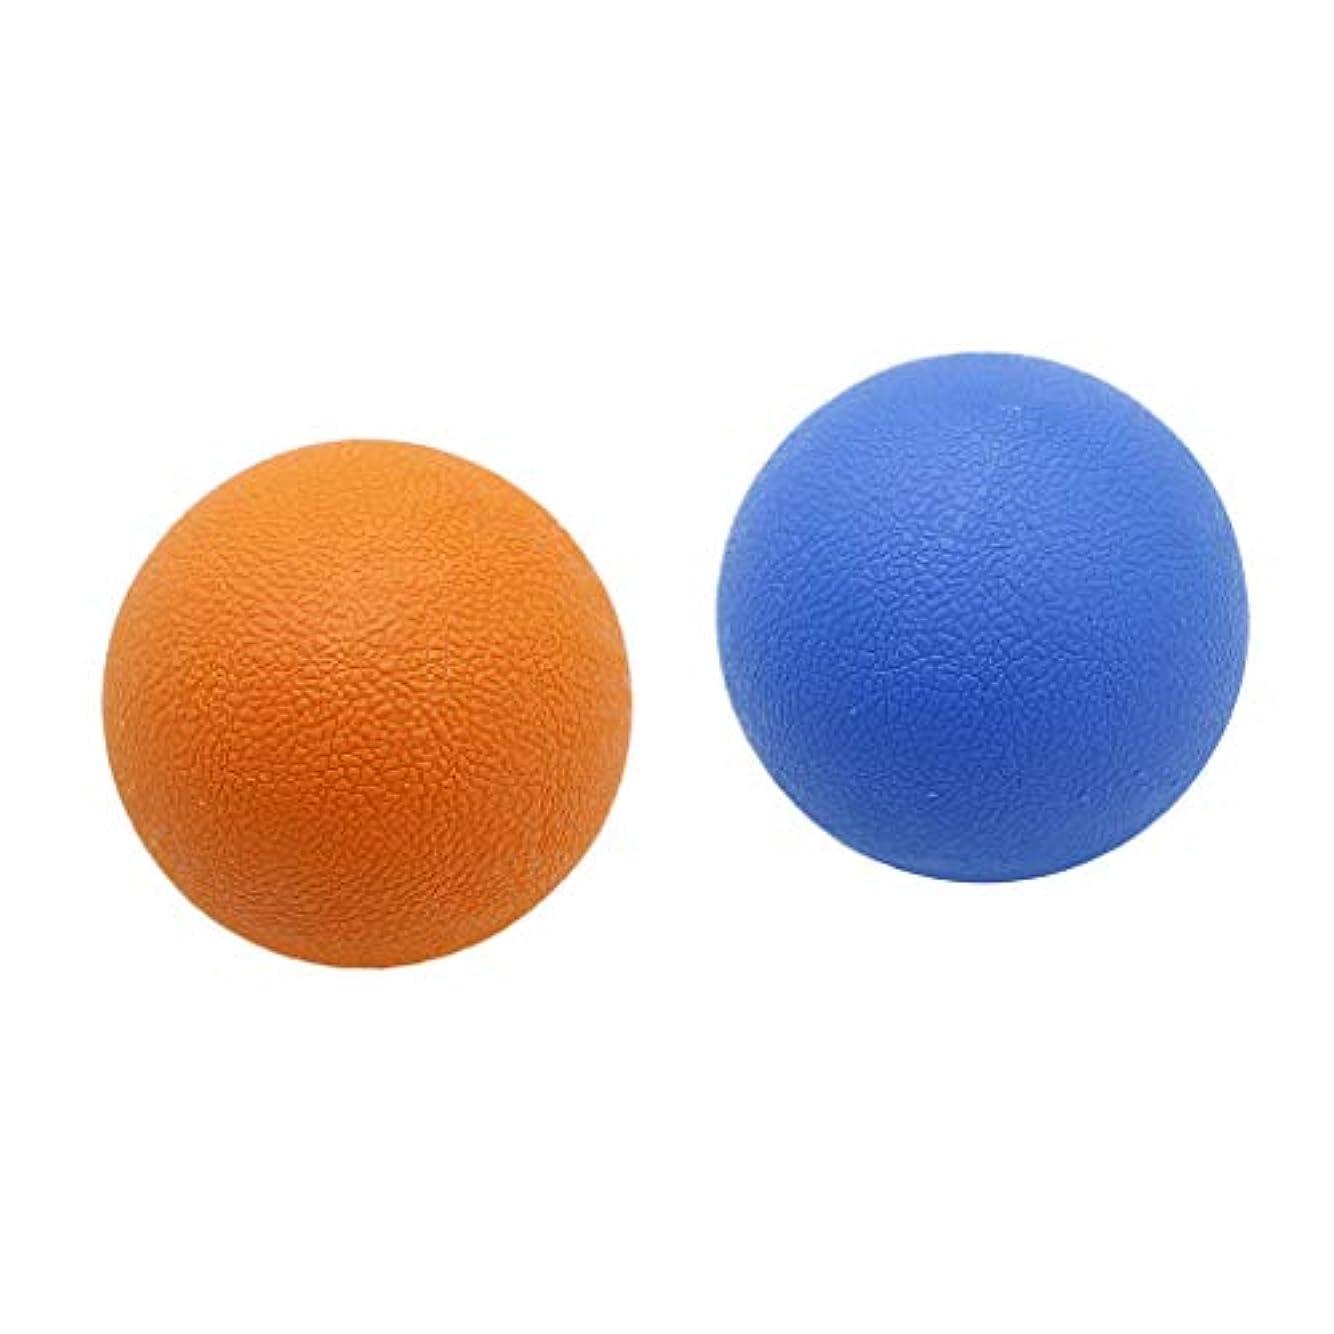 落胆したに向けて出発カブマッサージボール トリガーポイント ストレッチボール トレーニング 背中 肩 腰 マッサージ 多色選べる - オレンジブルー